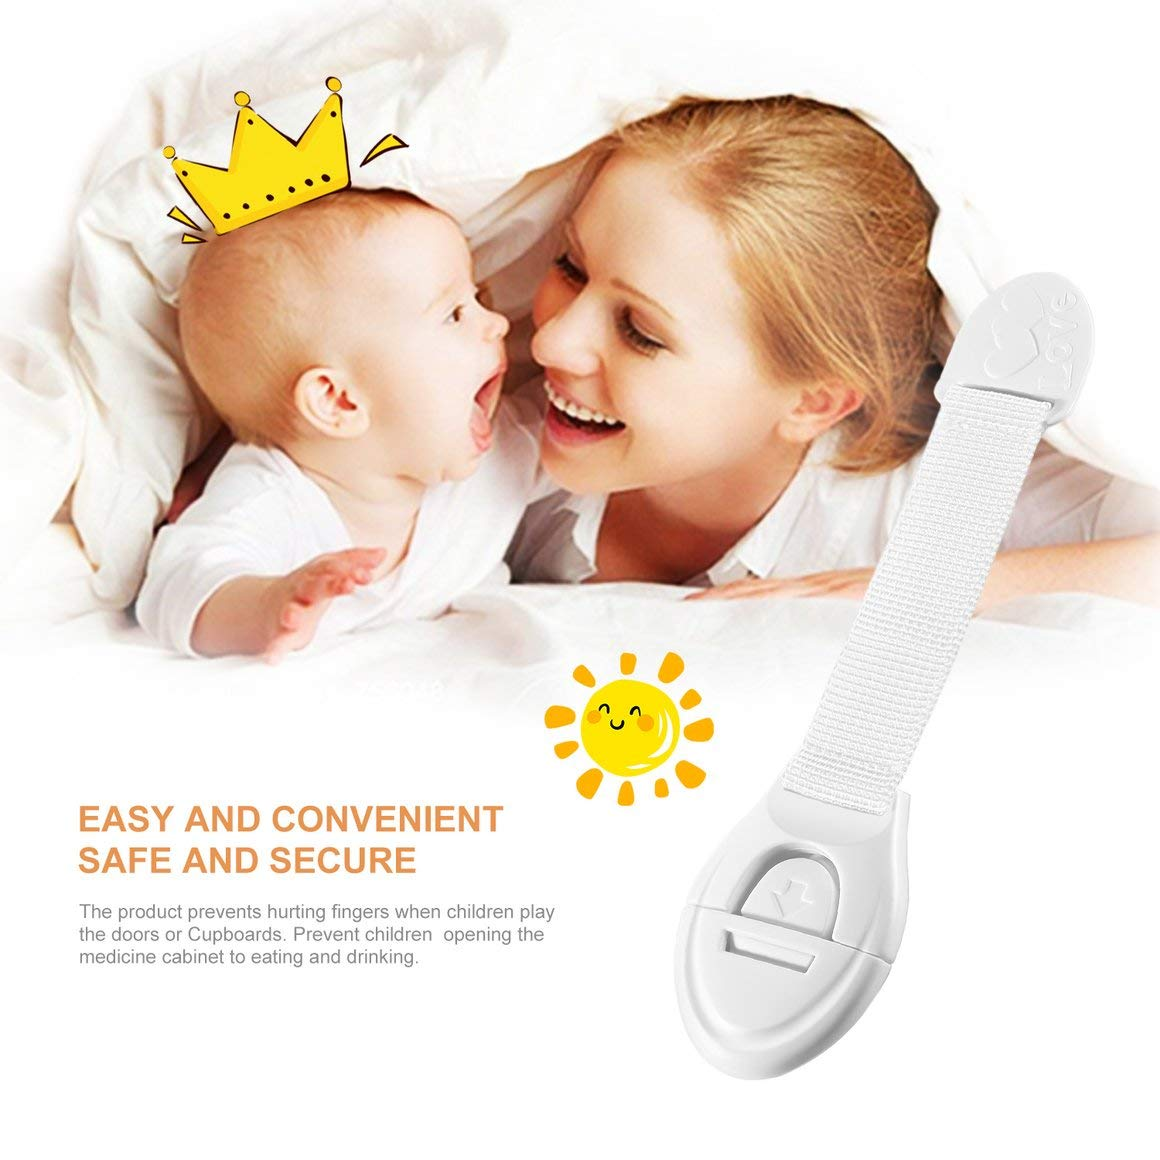 Funnyrunstore Infant Baby Kids Toddler Safety Nevera Caj/ón Puerta Gabinete Alacenas Cerraduras para el hogar Alargadas para ni/ños Seguridad para ni/ños